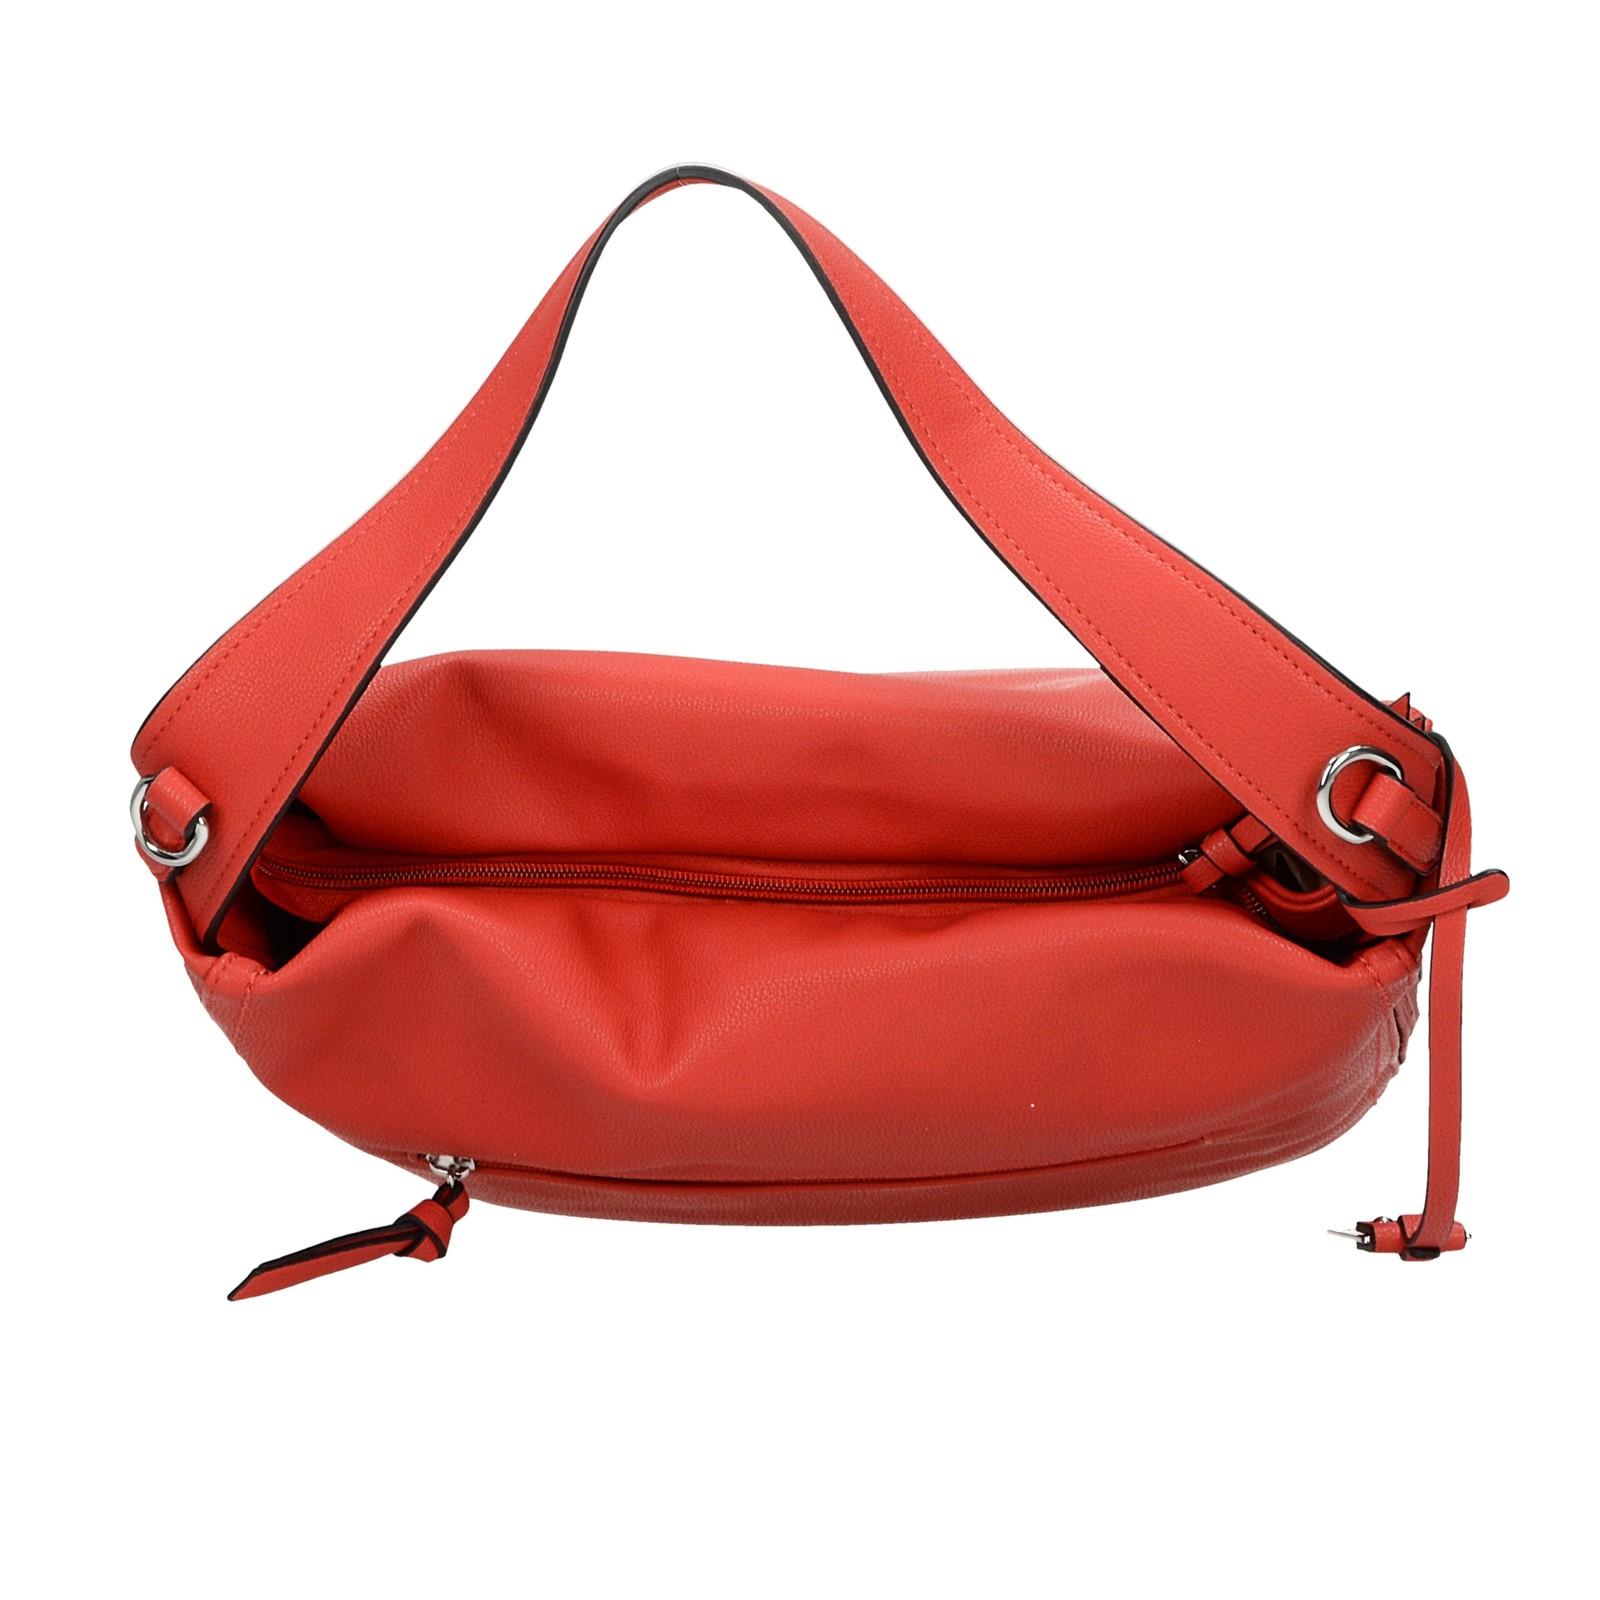 Gabor dámska praktická kabelka - červená